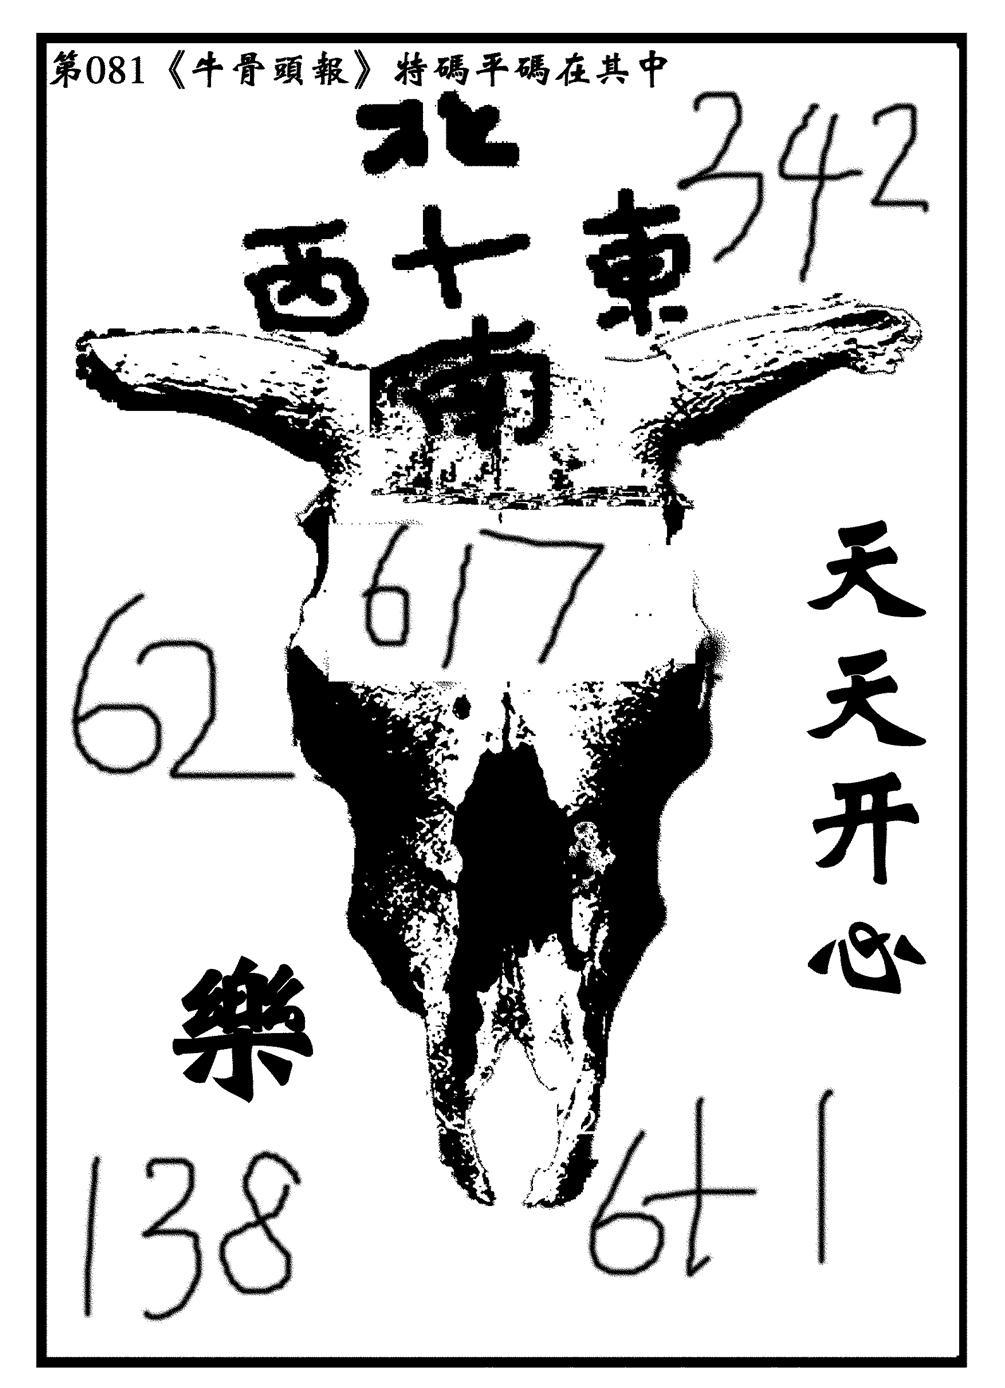 081期牛头报(黑白)